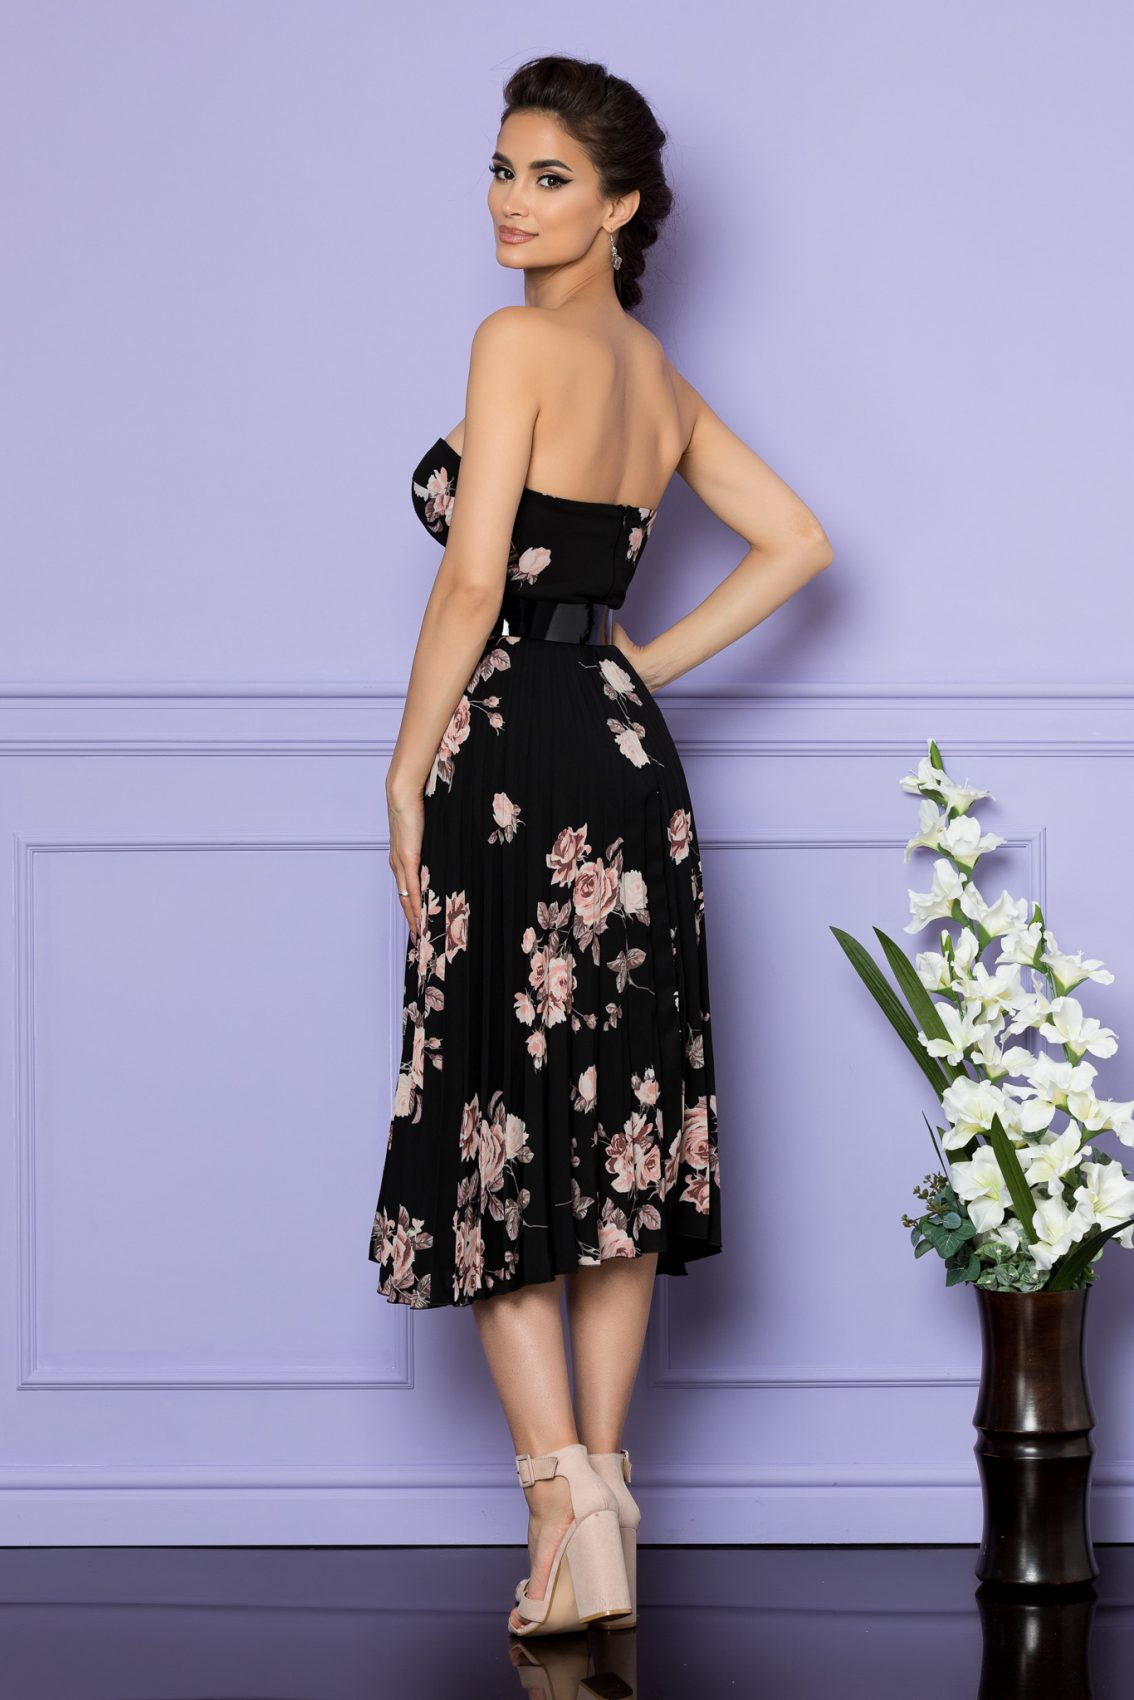 Μαύρο Φλοράλ Φόρεμα Στράπλες Με Ζώνη Serenity 7868 2